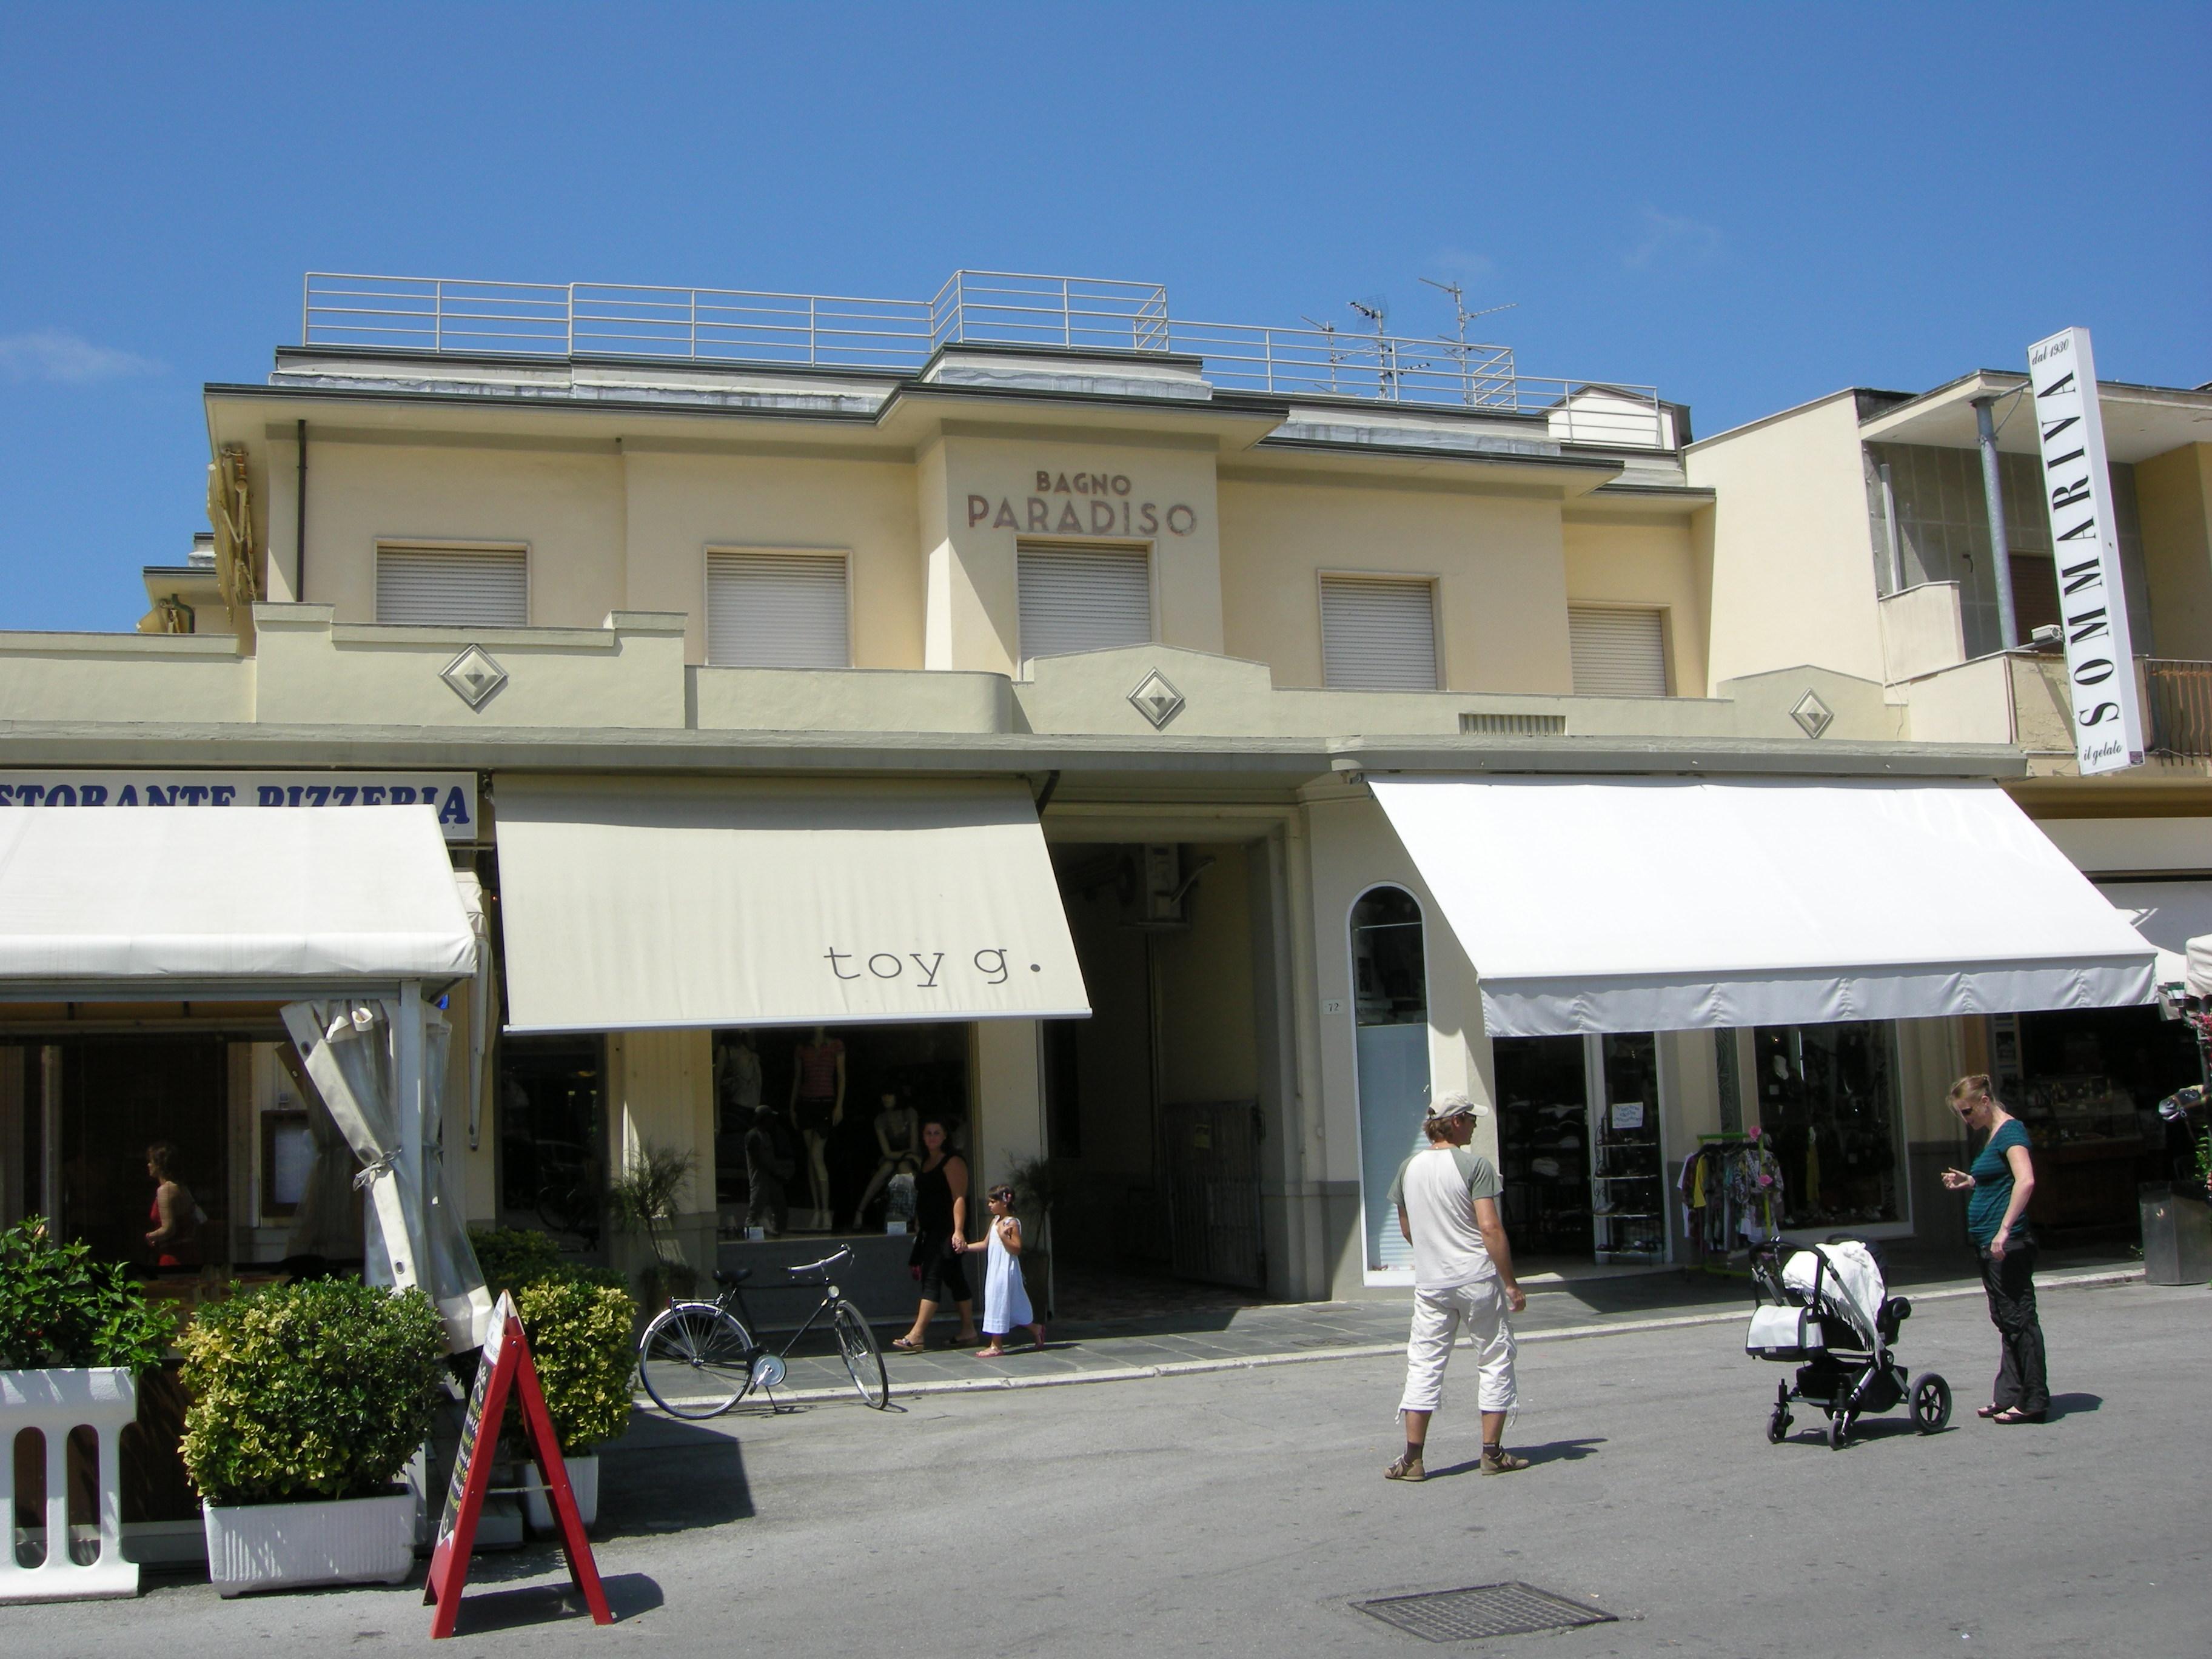 File passeggiata di viareggio 13 bagno paradiso jpg wikimedia commons - Bagno amedea viareggio ...